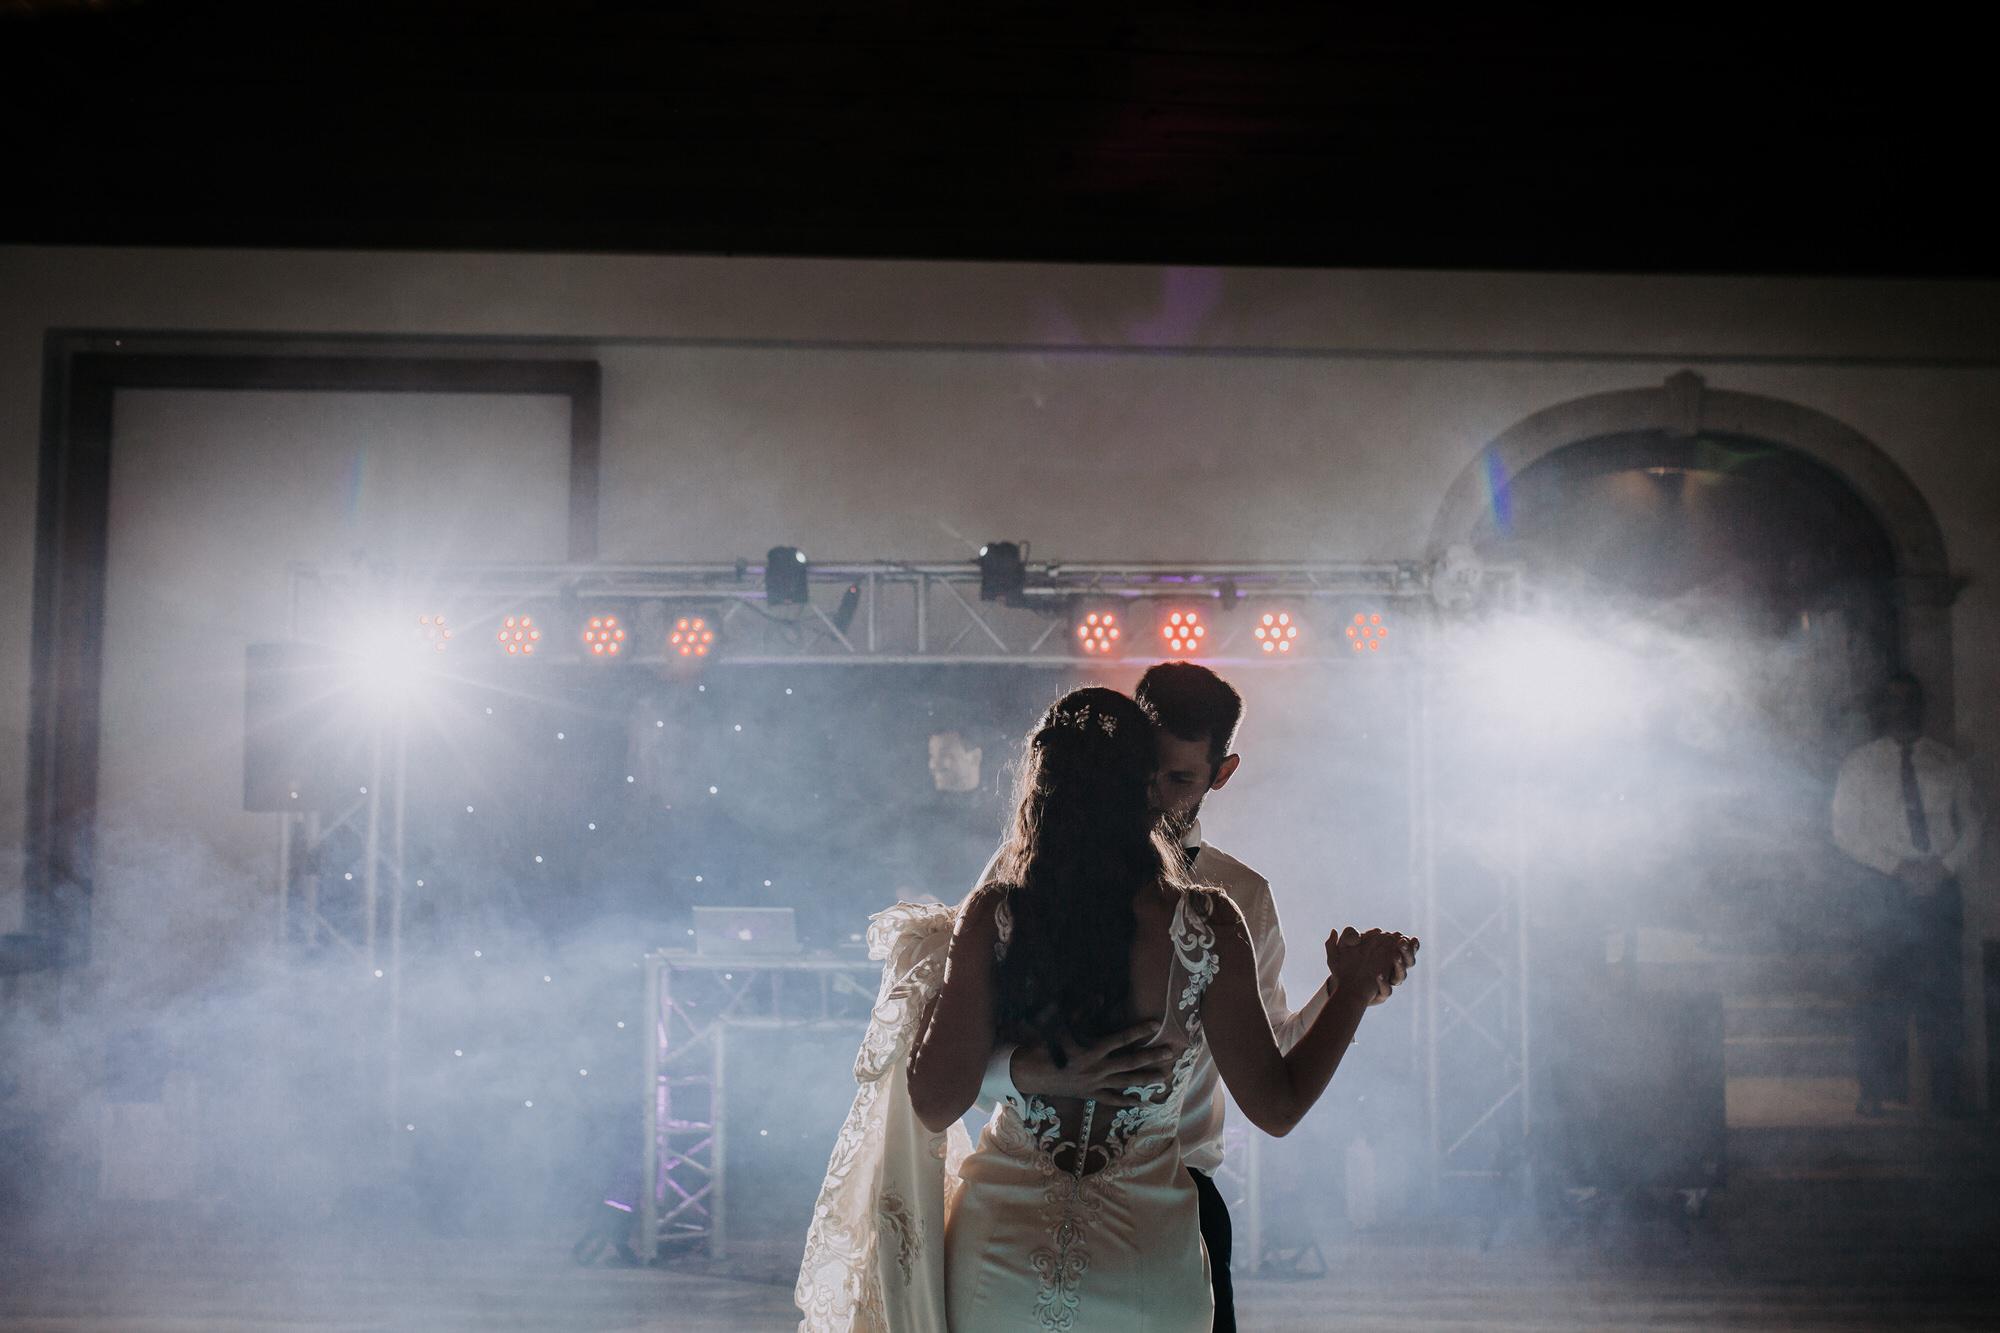 67 filipe_santiago_fotografia_casamento_decoracao_rustico_alenquer_inspiracao_quinta-da-bichinha_sao_goncalo_melhores_quintas_lisboa_distrito_fotografos_fotografia_natural_tendencias_flores_dance-dança dos noivos_dicas